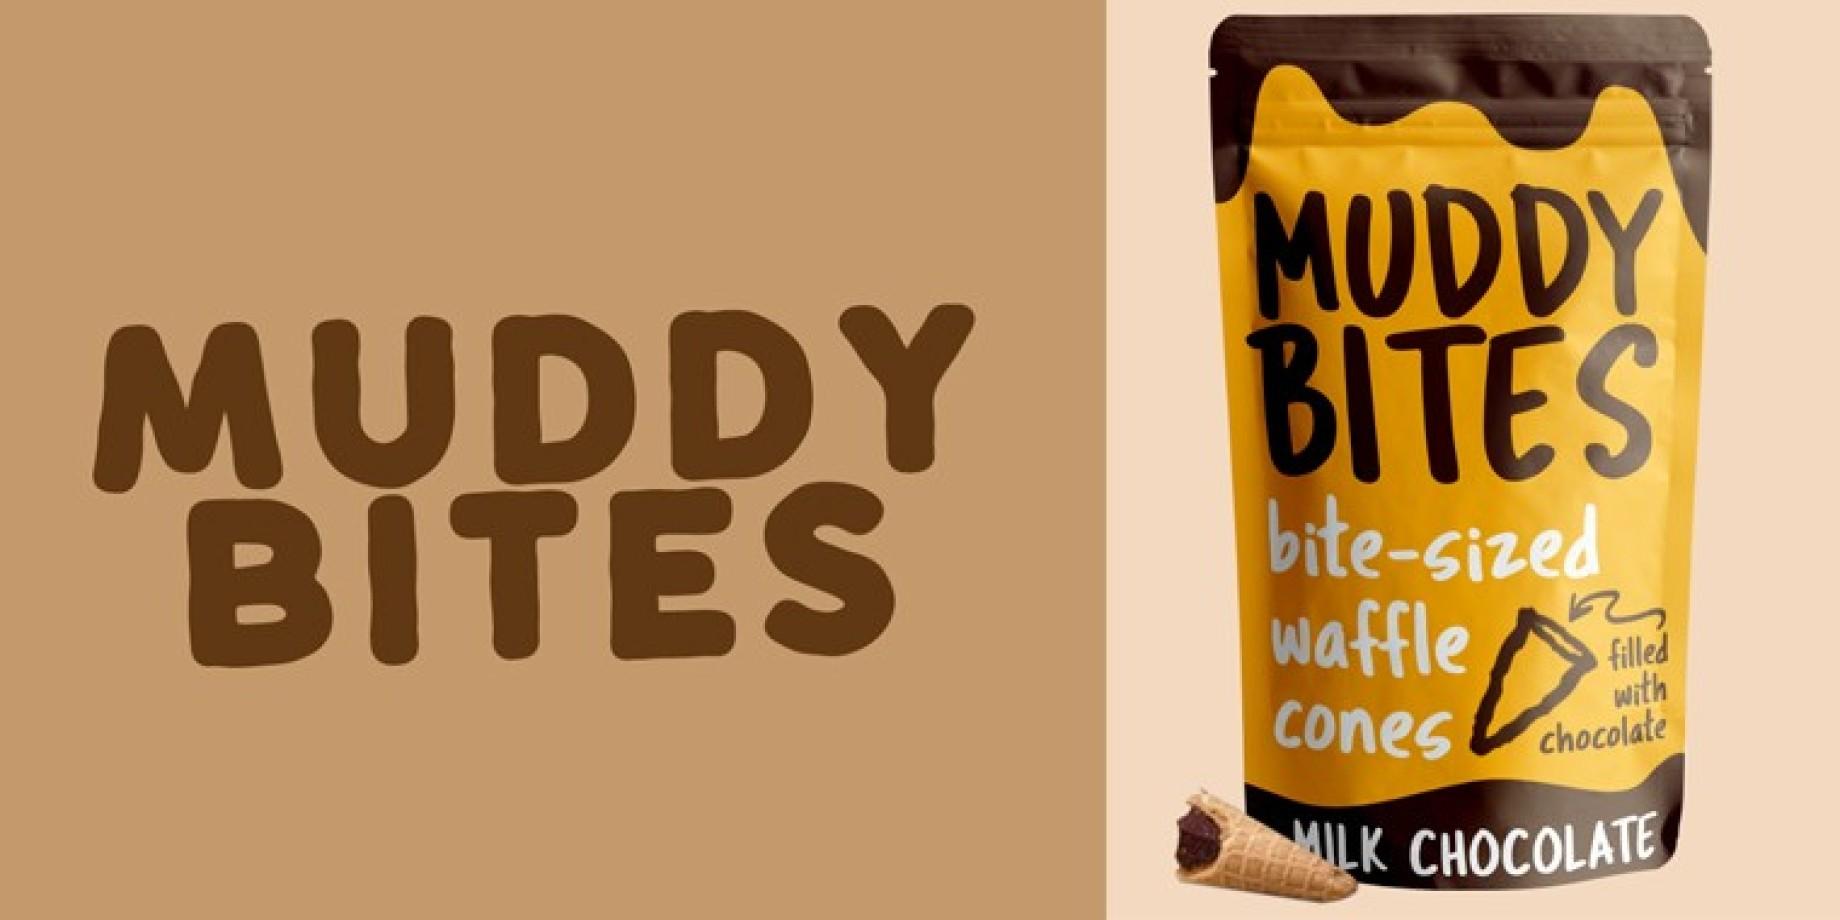 muddy bites